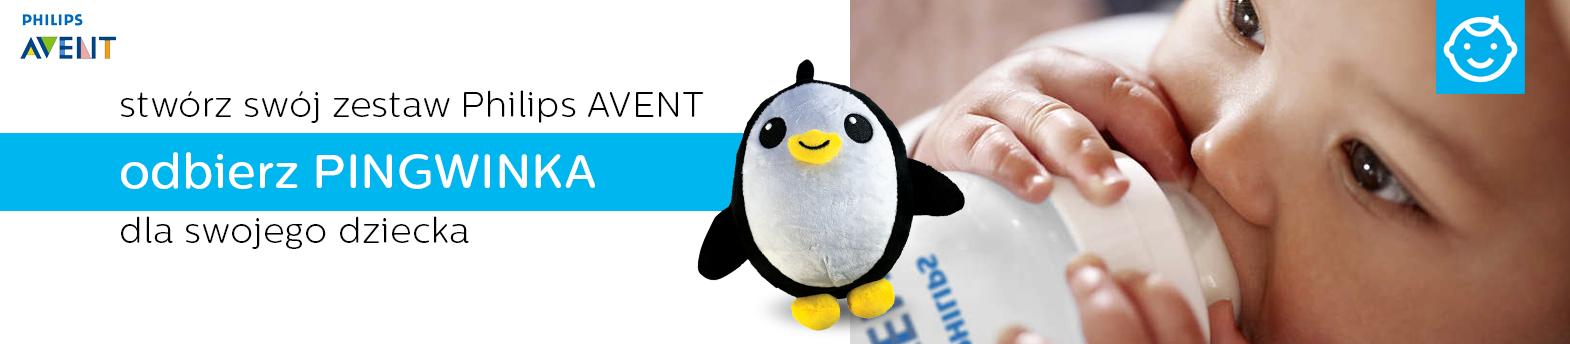 Avent - pingwinek gratis